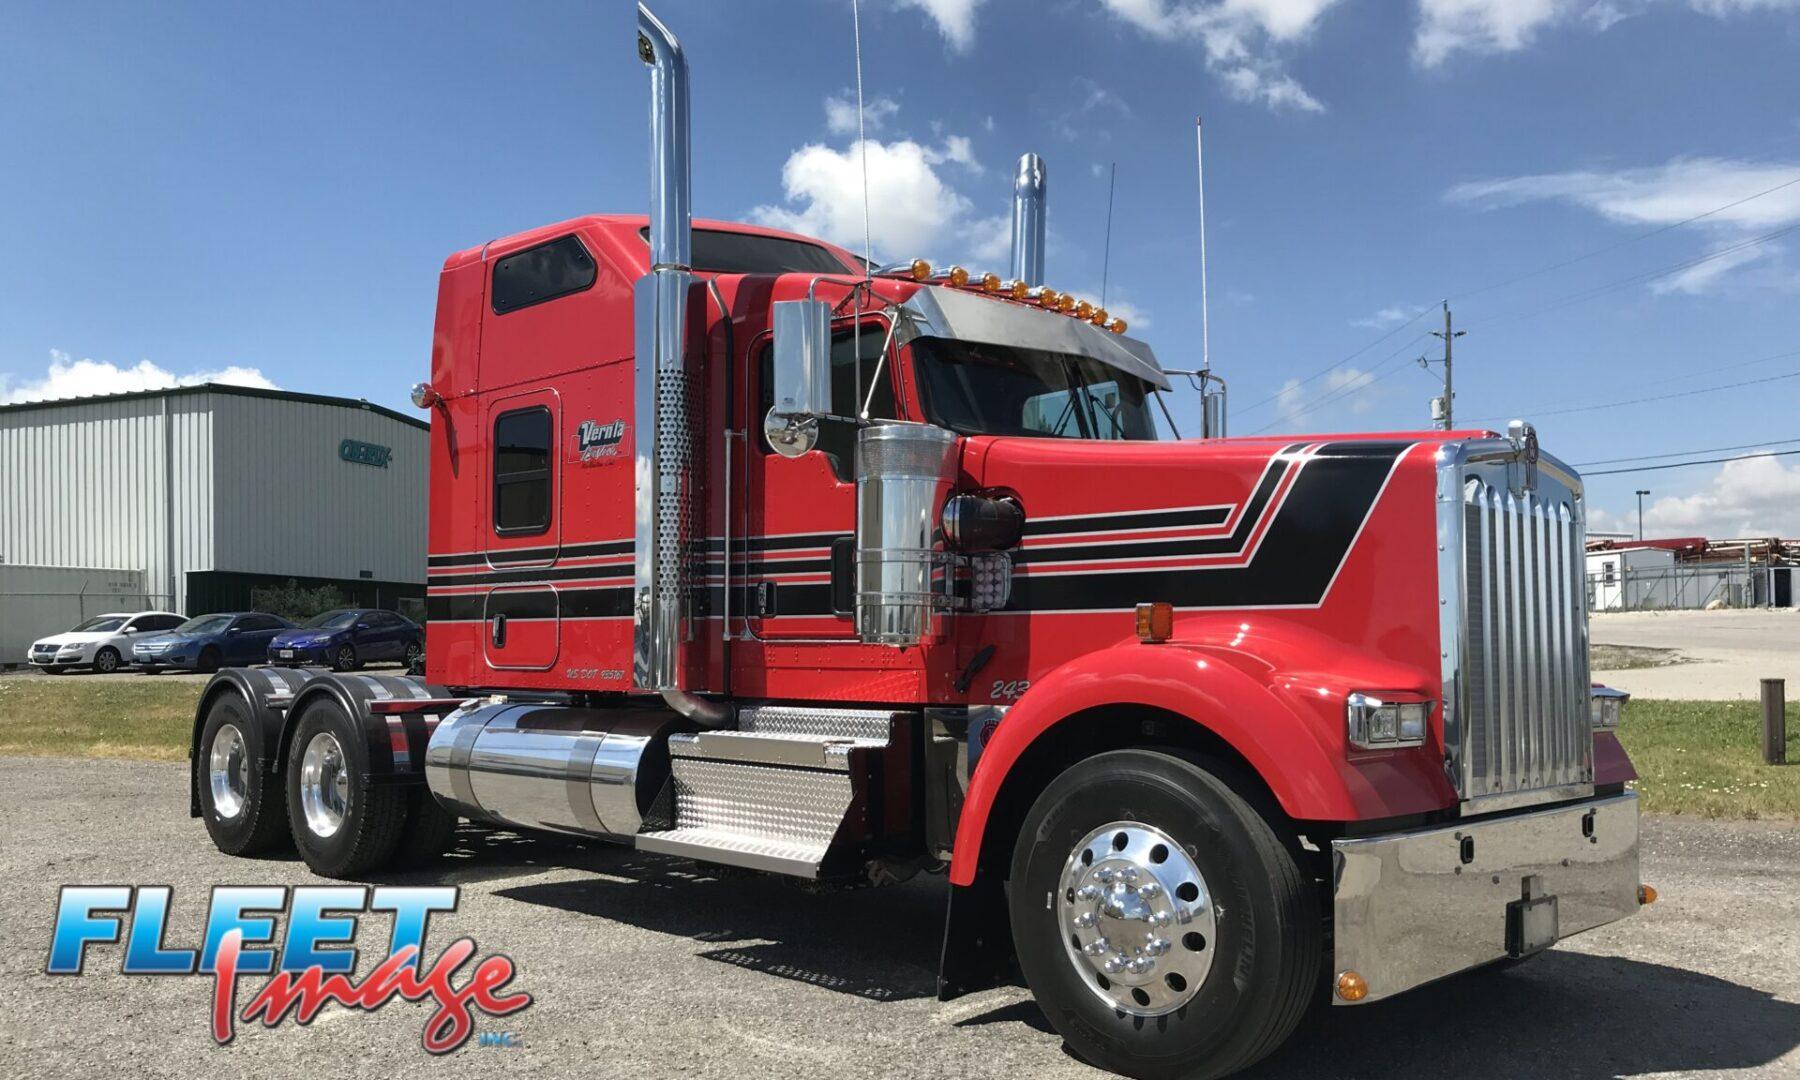 Vernla red truck